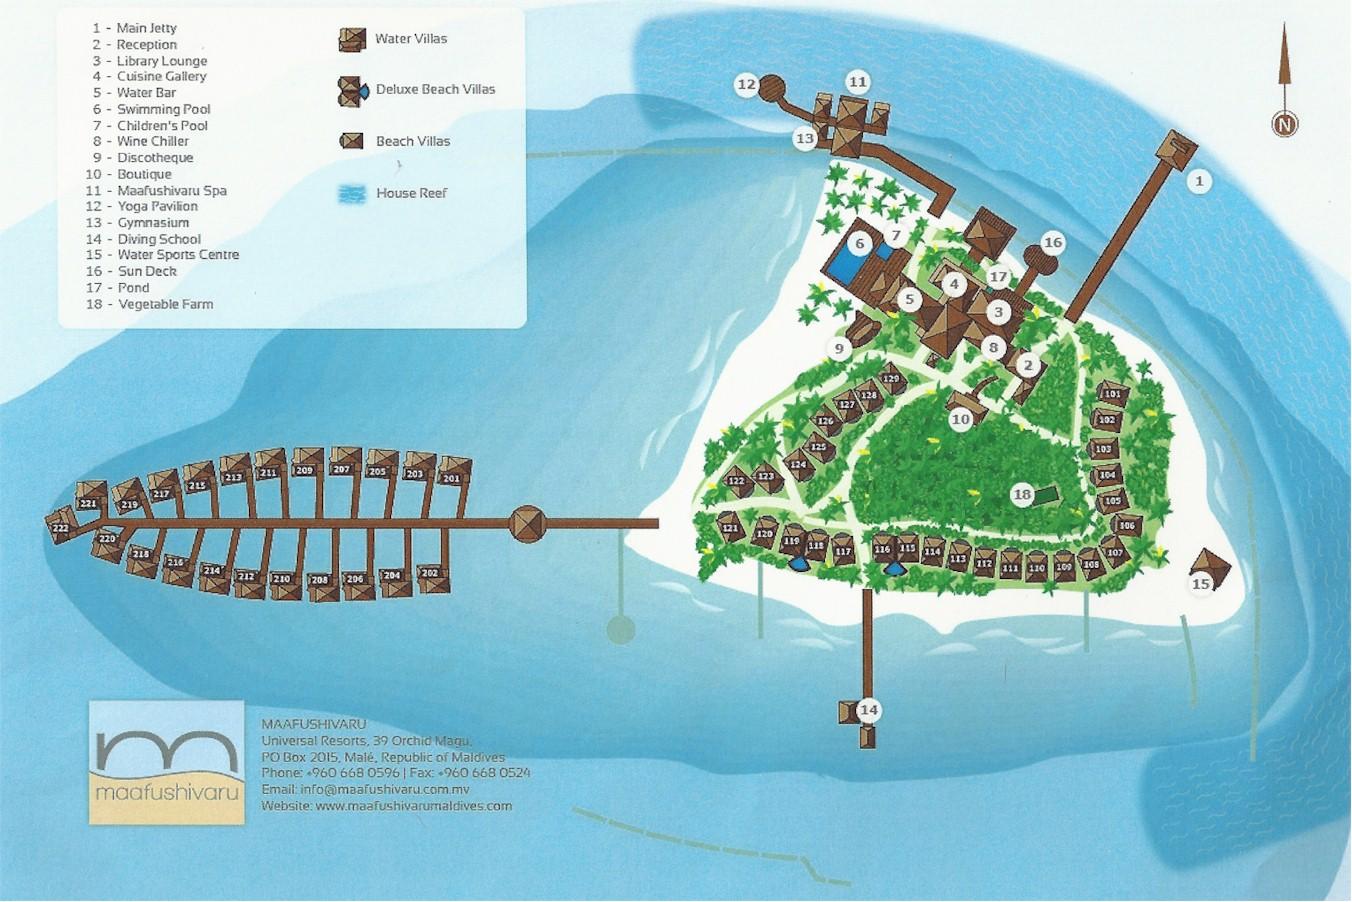 Maafushivaru%20Large%20Map Maldives Map Resorts on honolulu resorts map, seychelles resorts map, turks and caicos islands resorts map, maldives airport map, tahiti resorts map, maldives world map, lankanfushi maldives map, maldives location on map, honduras resorts map, maldives climate map, ayada maldives on map, palawan resorts map, maldives map google, male maldives map, maldives map india, reunion resorts map, falkland islands resorts map, maldives indian ocean map, the maldives map, bermuda resorts map,